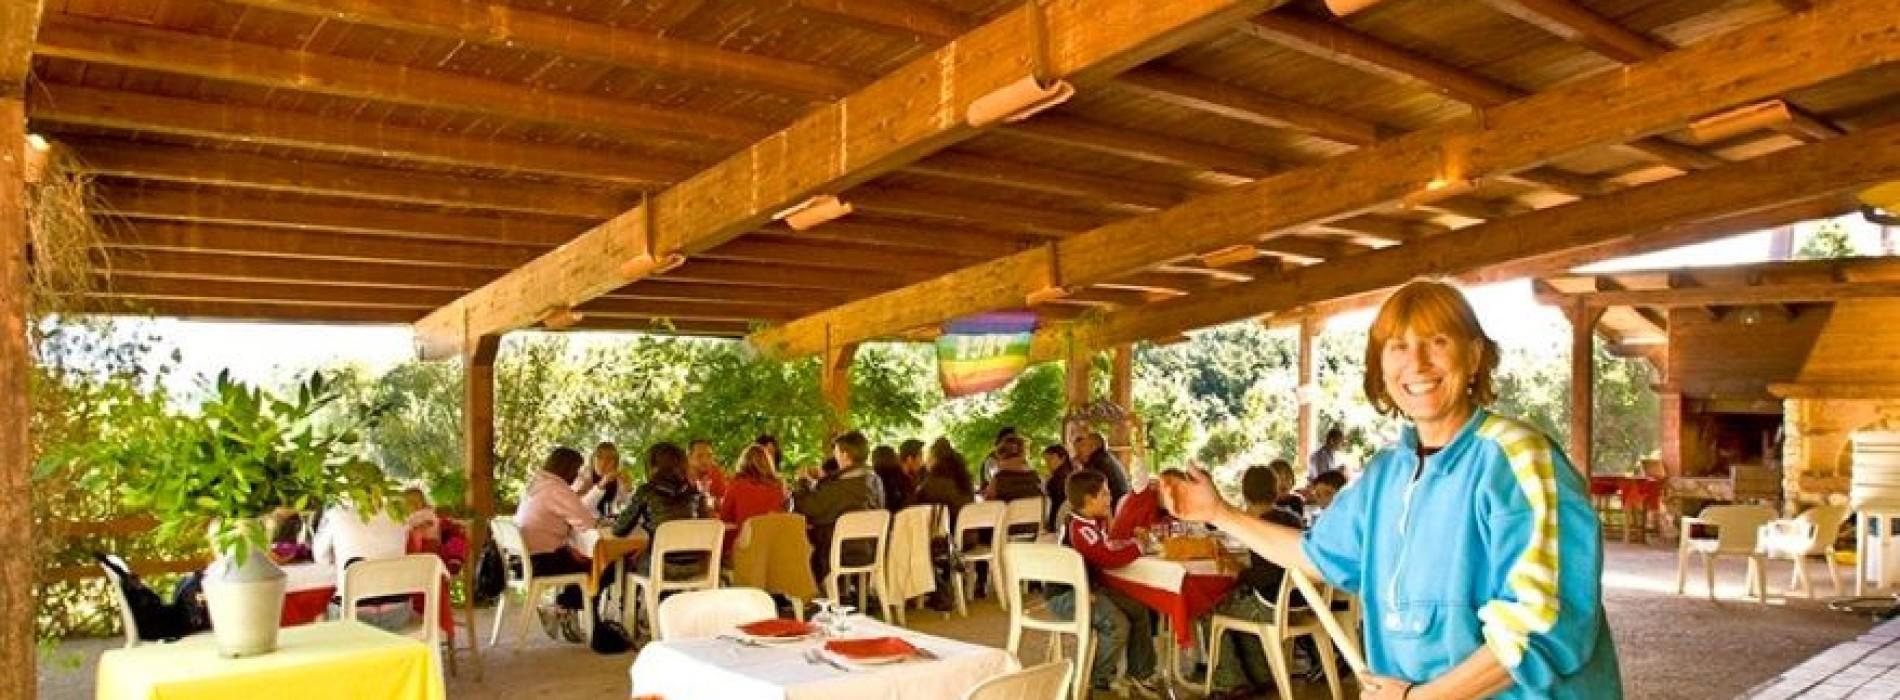 Pasqua e Pasquetta 2015 vicino a Roma: trattorie, ristoranti e agriturismi per una gita e un pranzo fuori porta